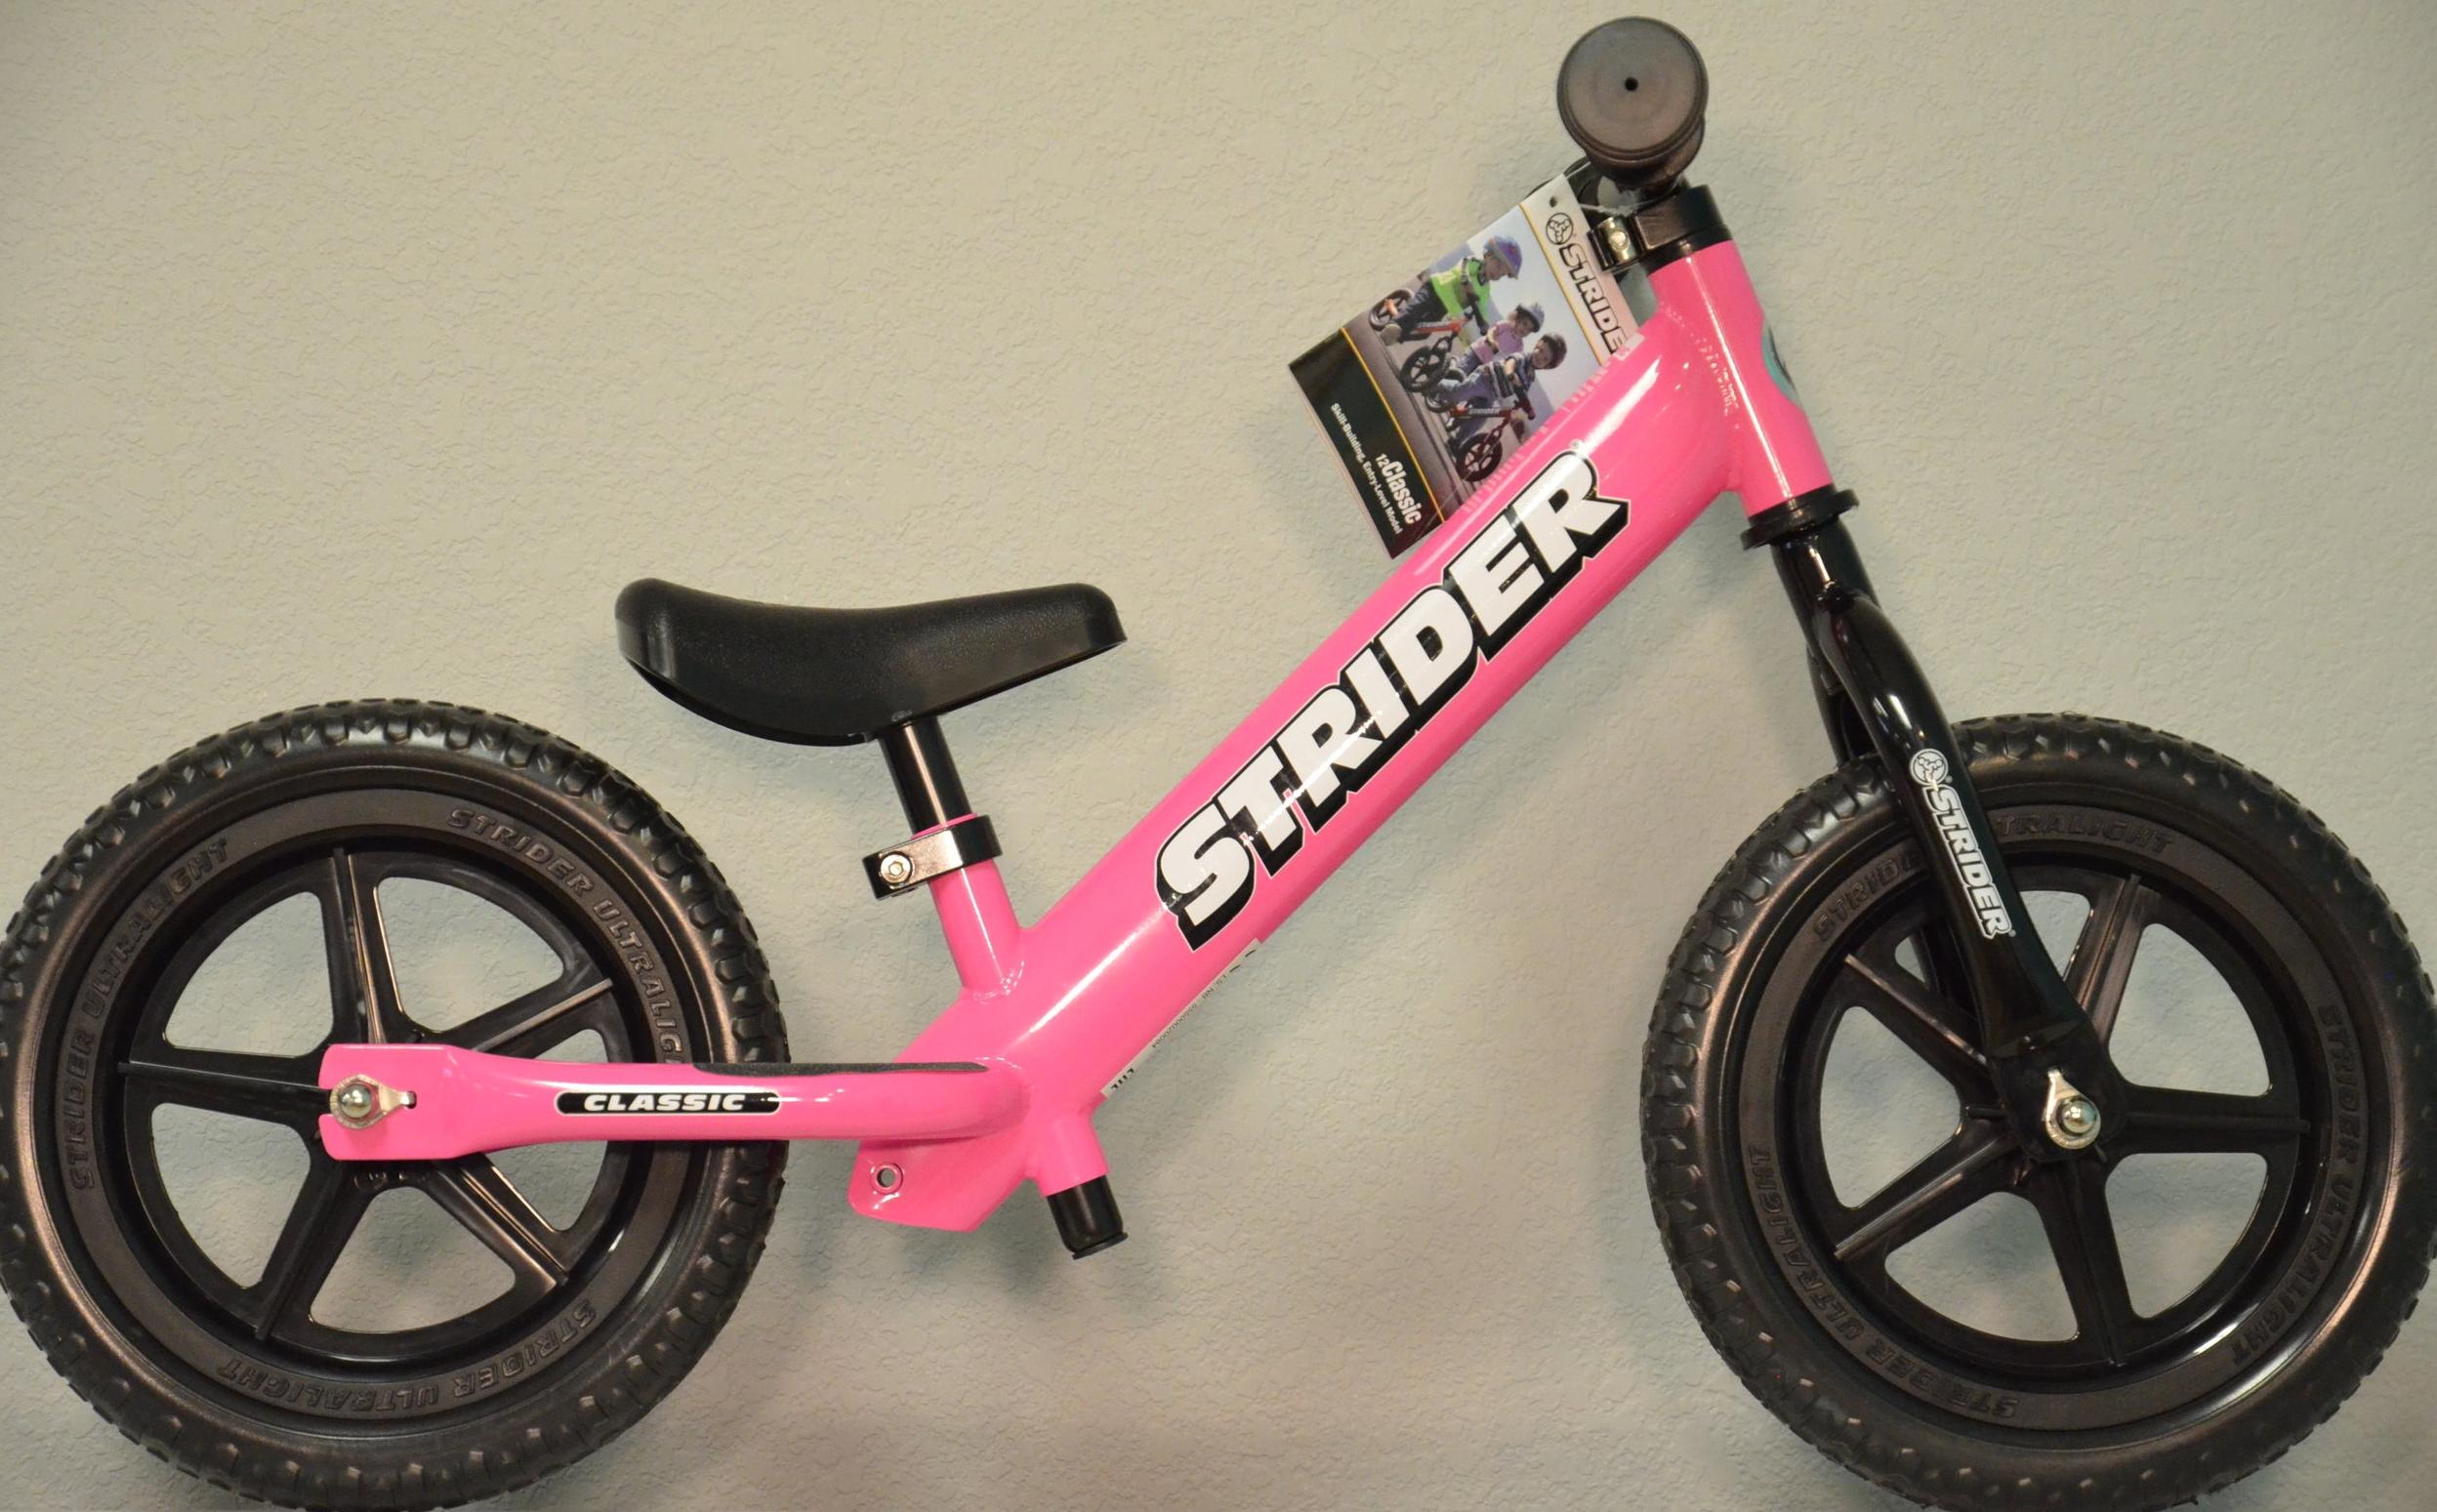 Pink Strider